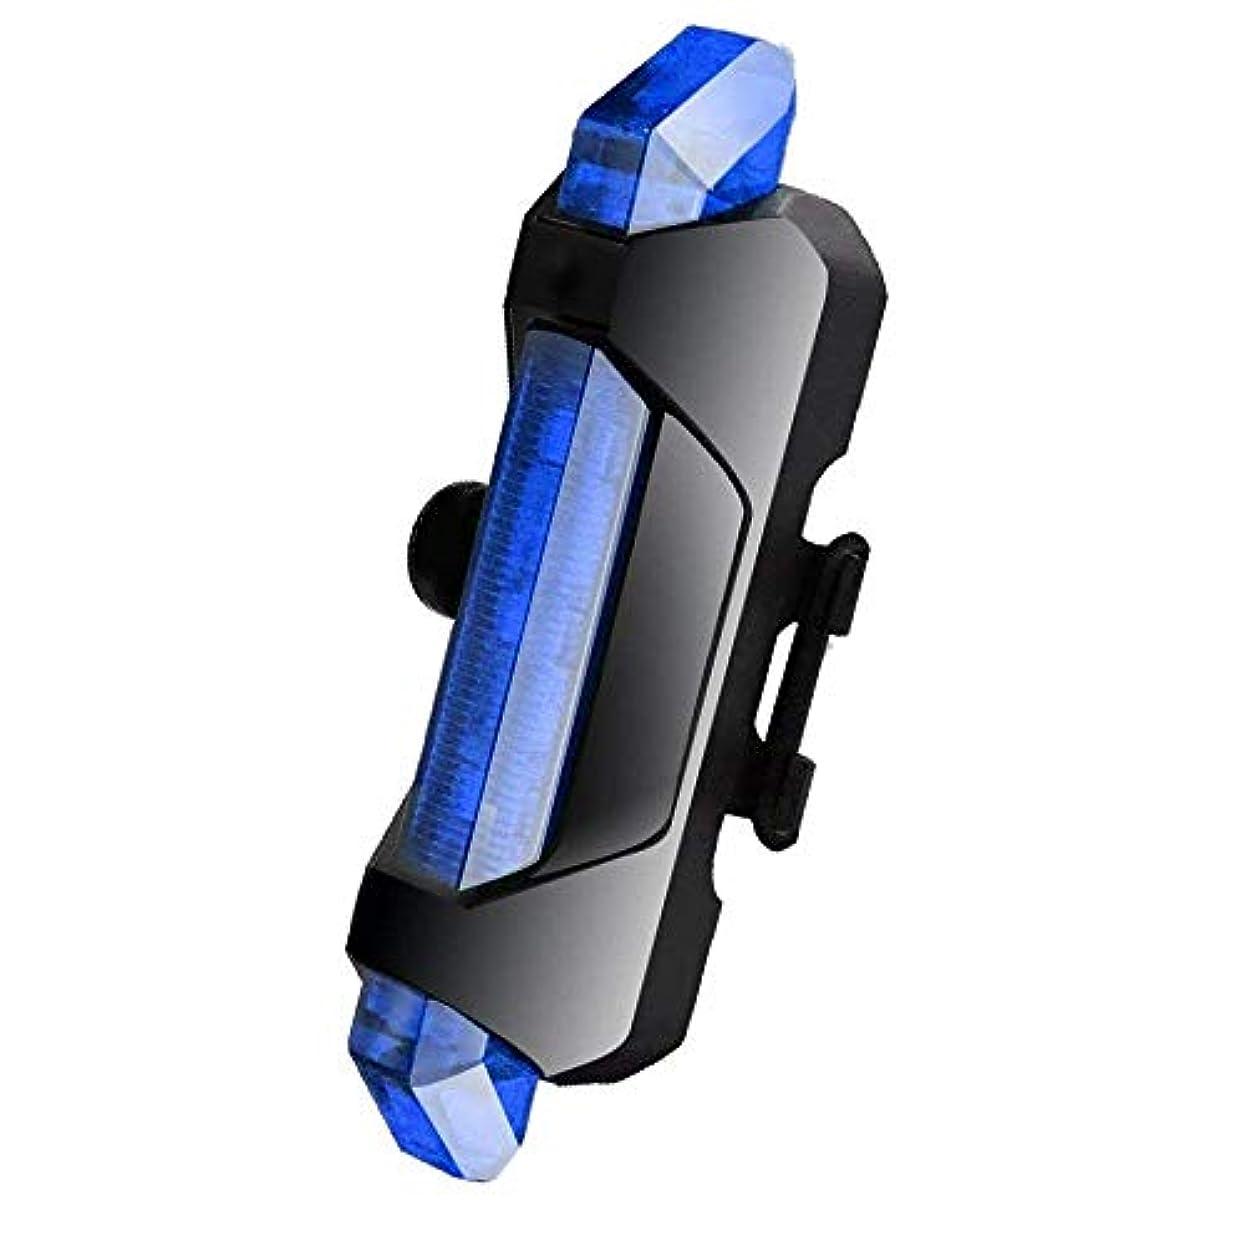 誇張する億エントリBesthomelife 自転車 セーフティーライト usb充電式 高輝度ledテールライト 4点灯モード 防水 夜間走行の視認性をアピール